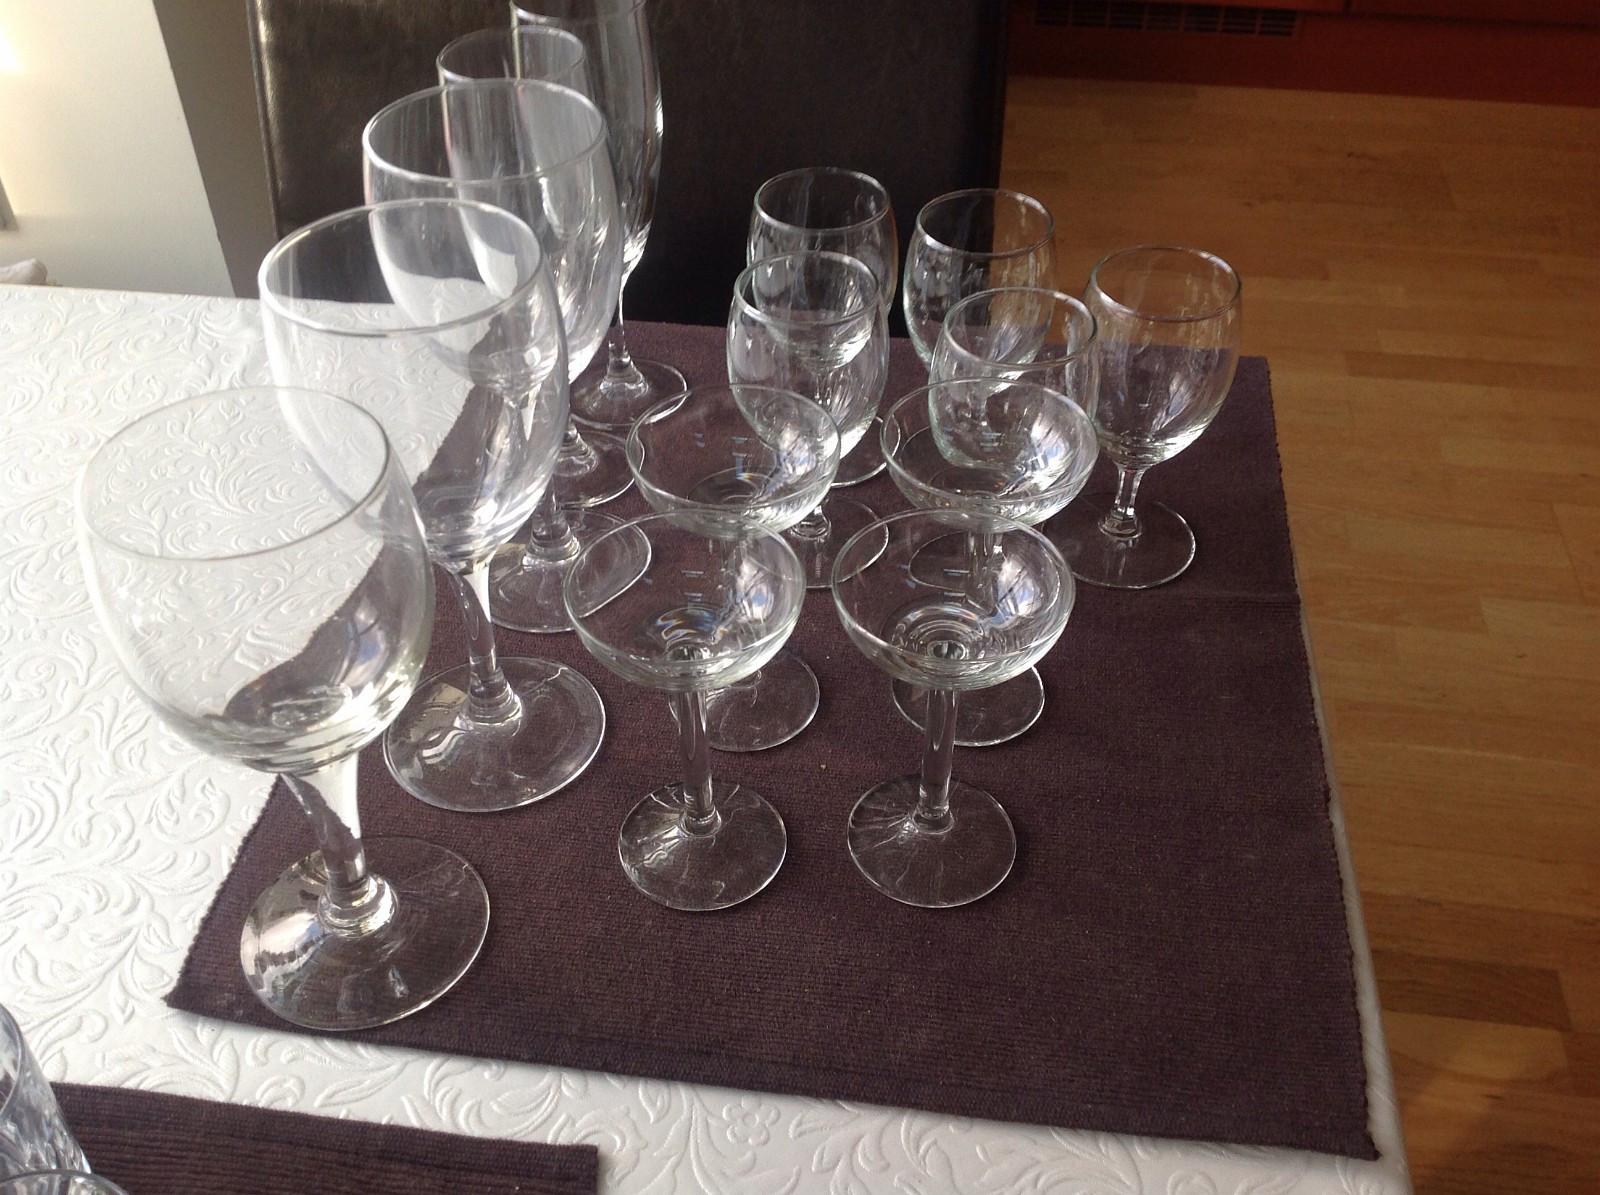 14 glass til hybelboerne - Trondheim  - 14 glass til hybelboerne . - Trondheim